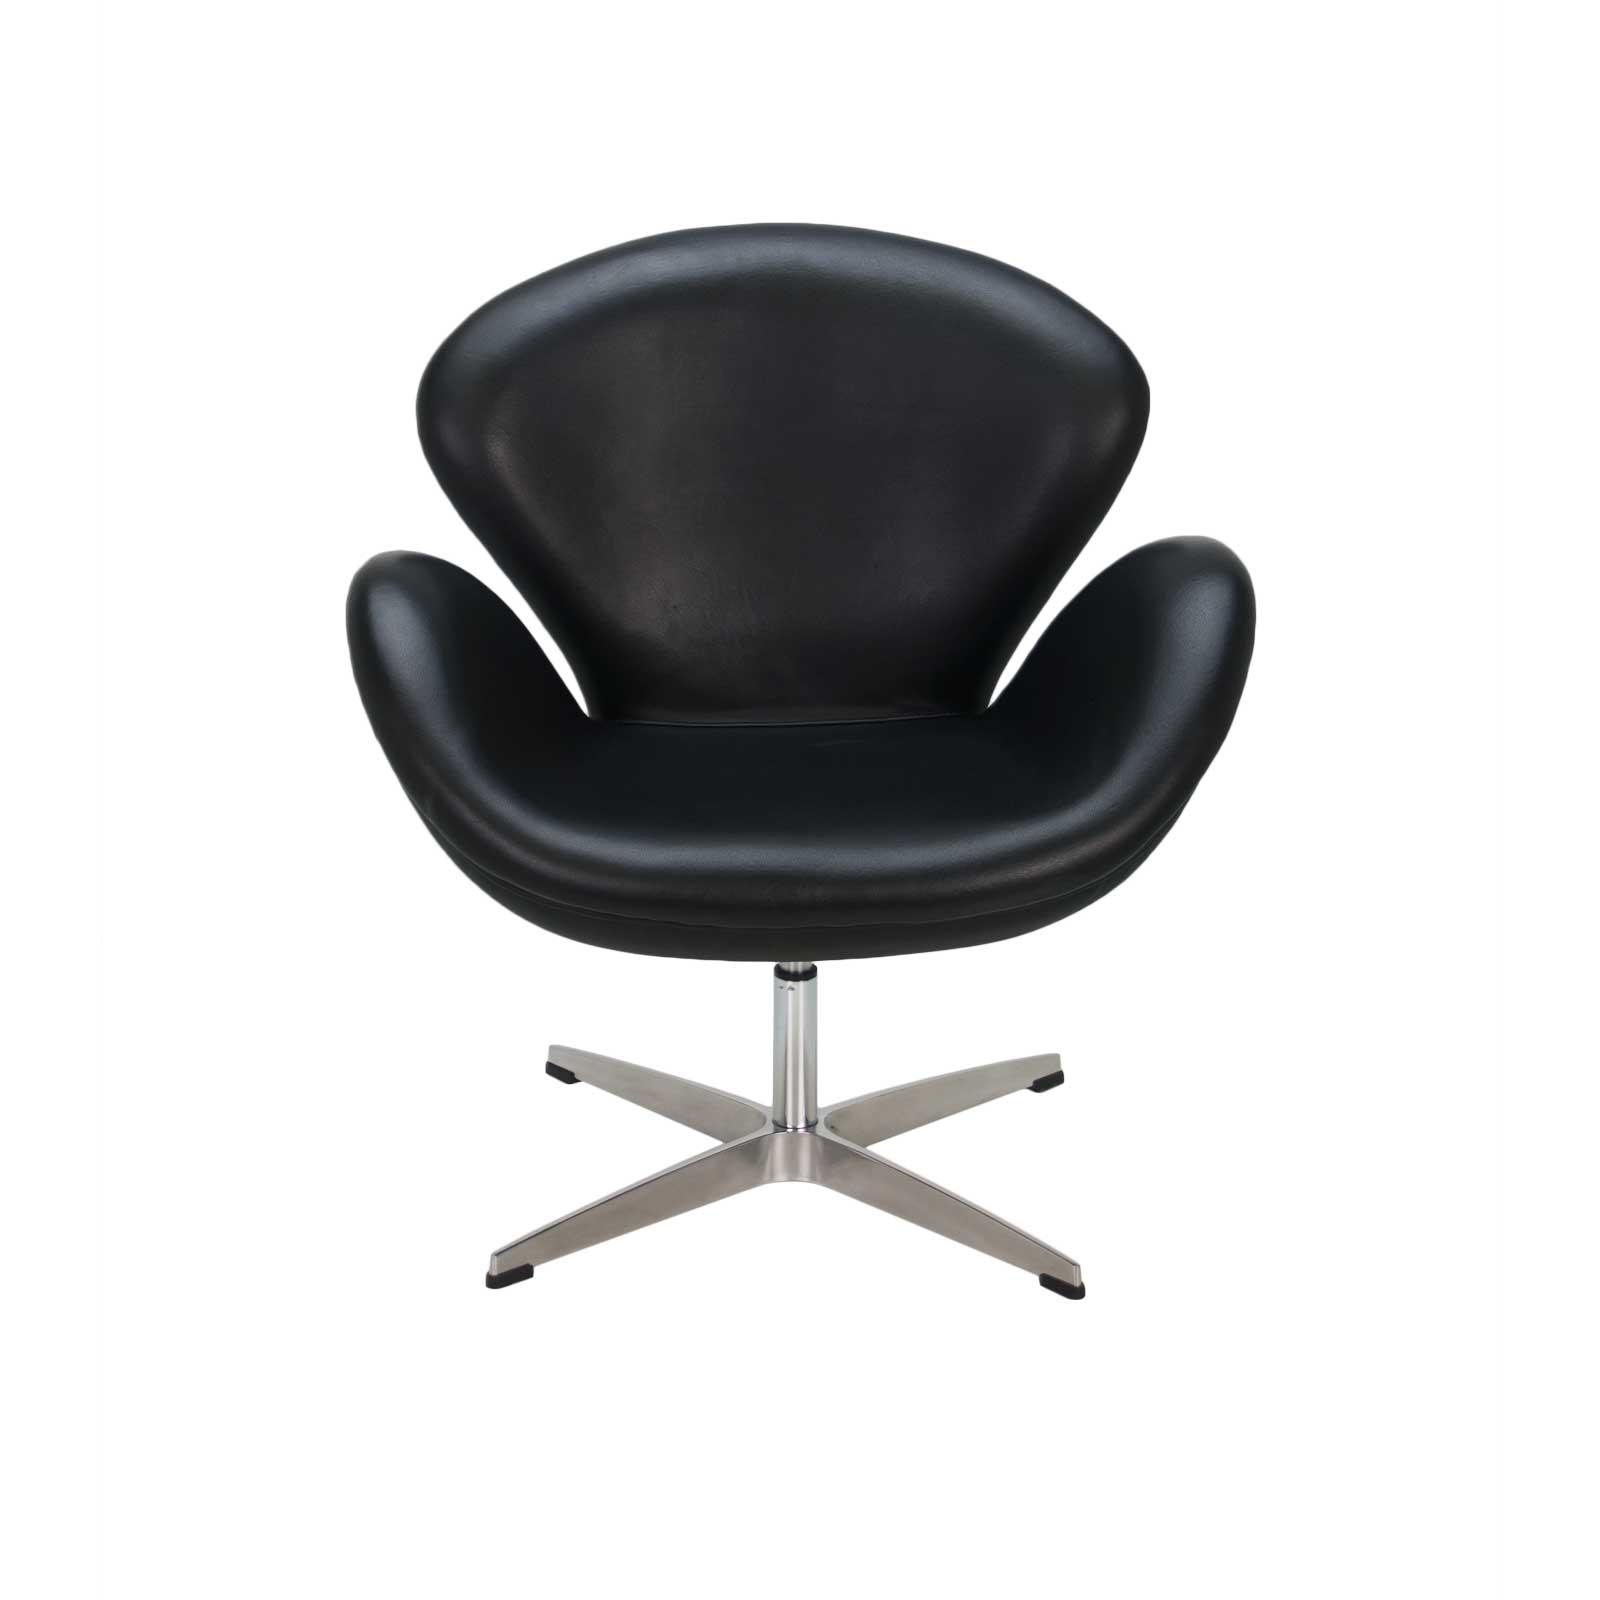 Arne Jacobsen Swan Chair Black Formdecor